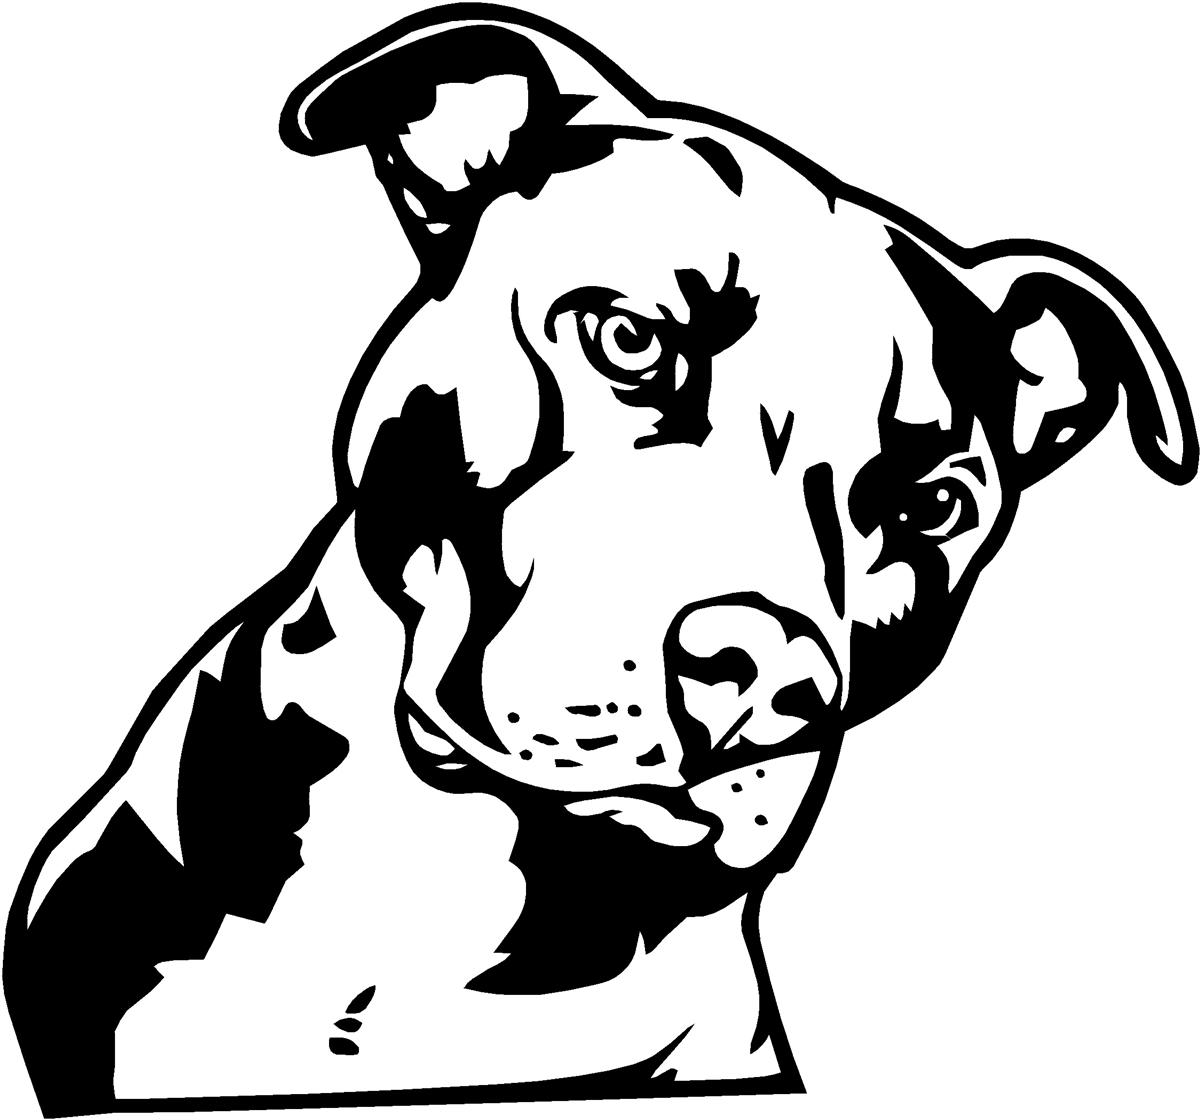 Pitbull Clipart Black White 20 Free Cliparts